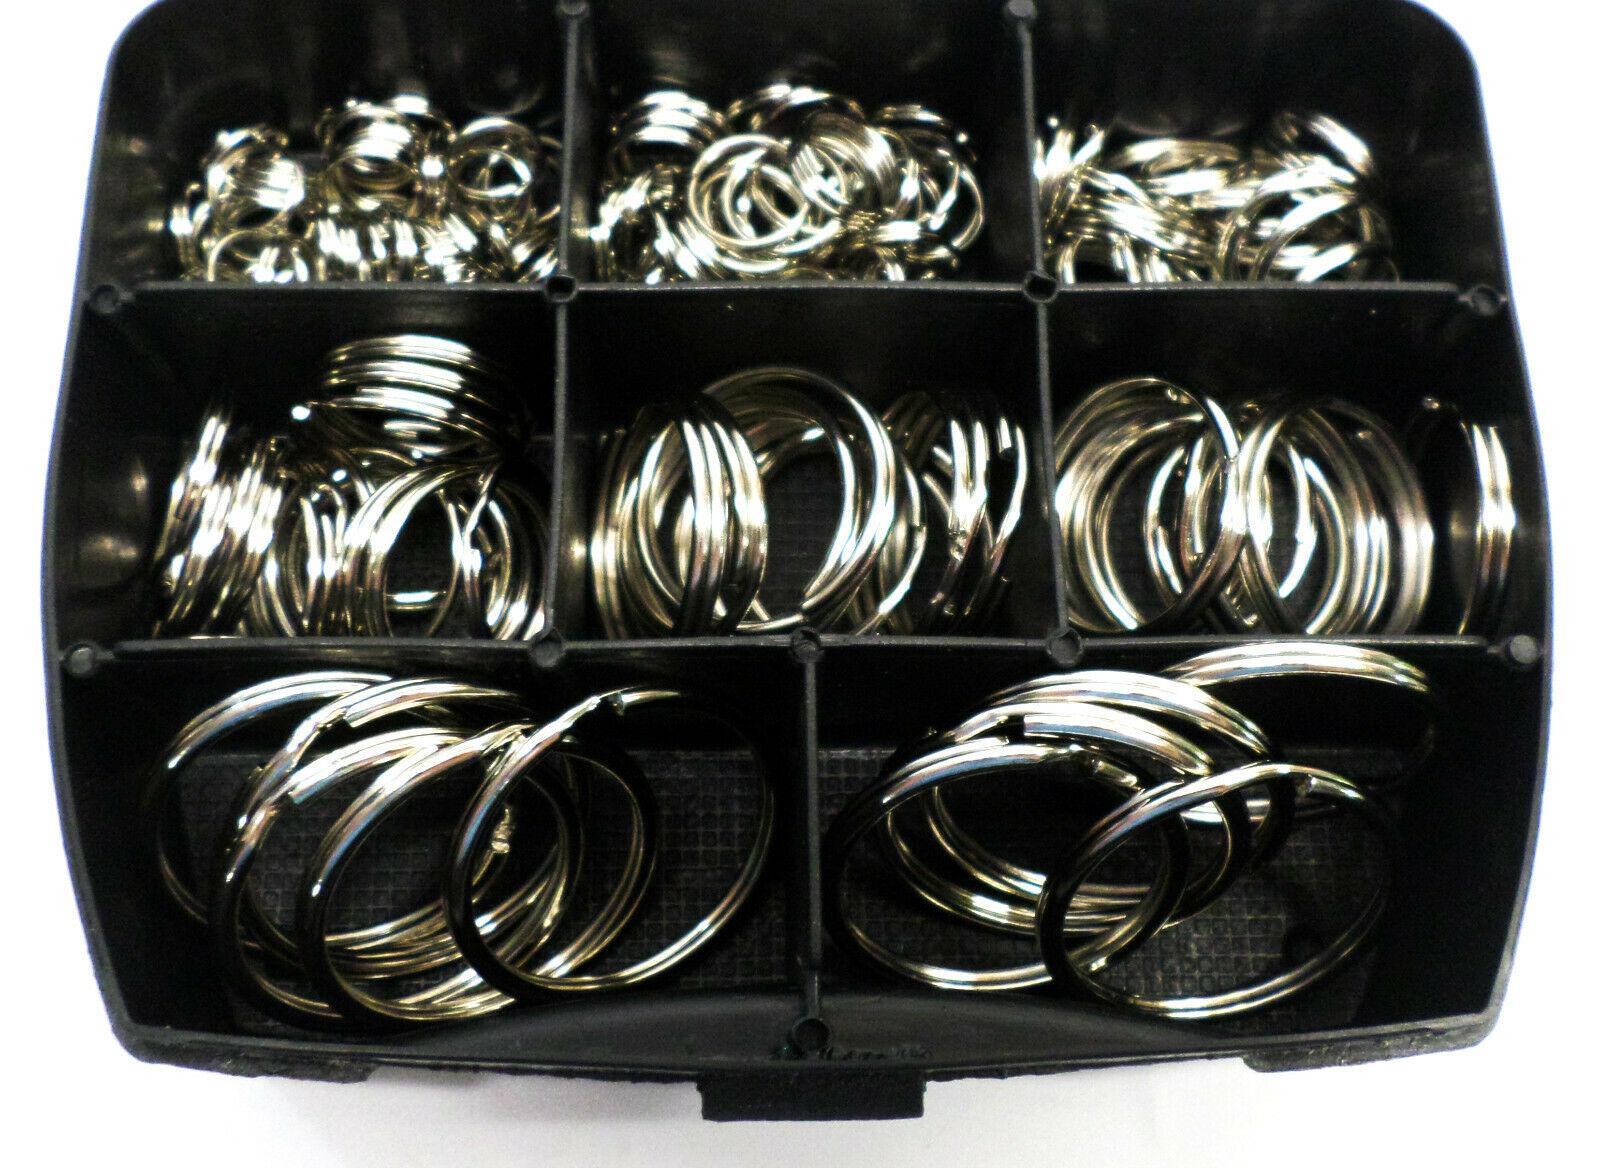 Sleutelringen vernikkeld in assortimentsbox 176 stuks